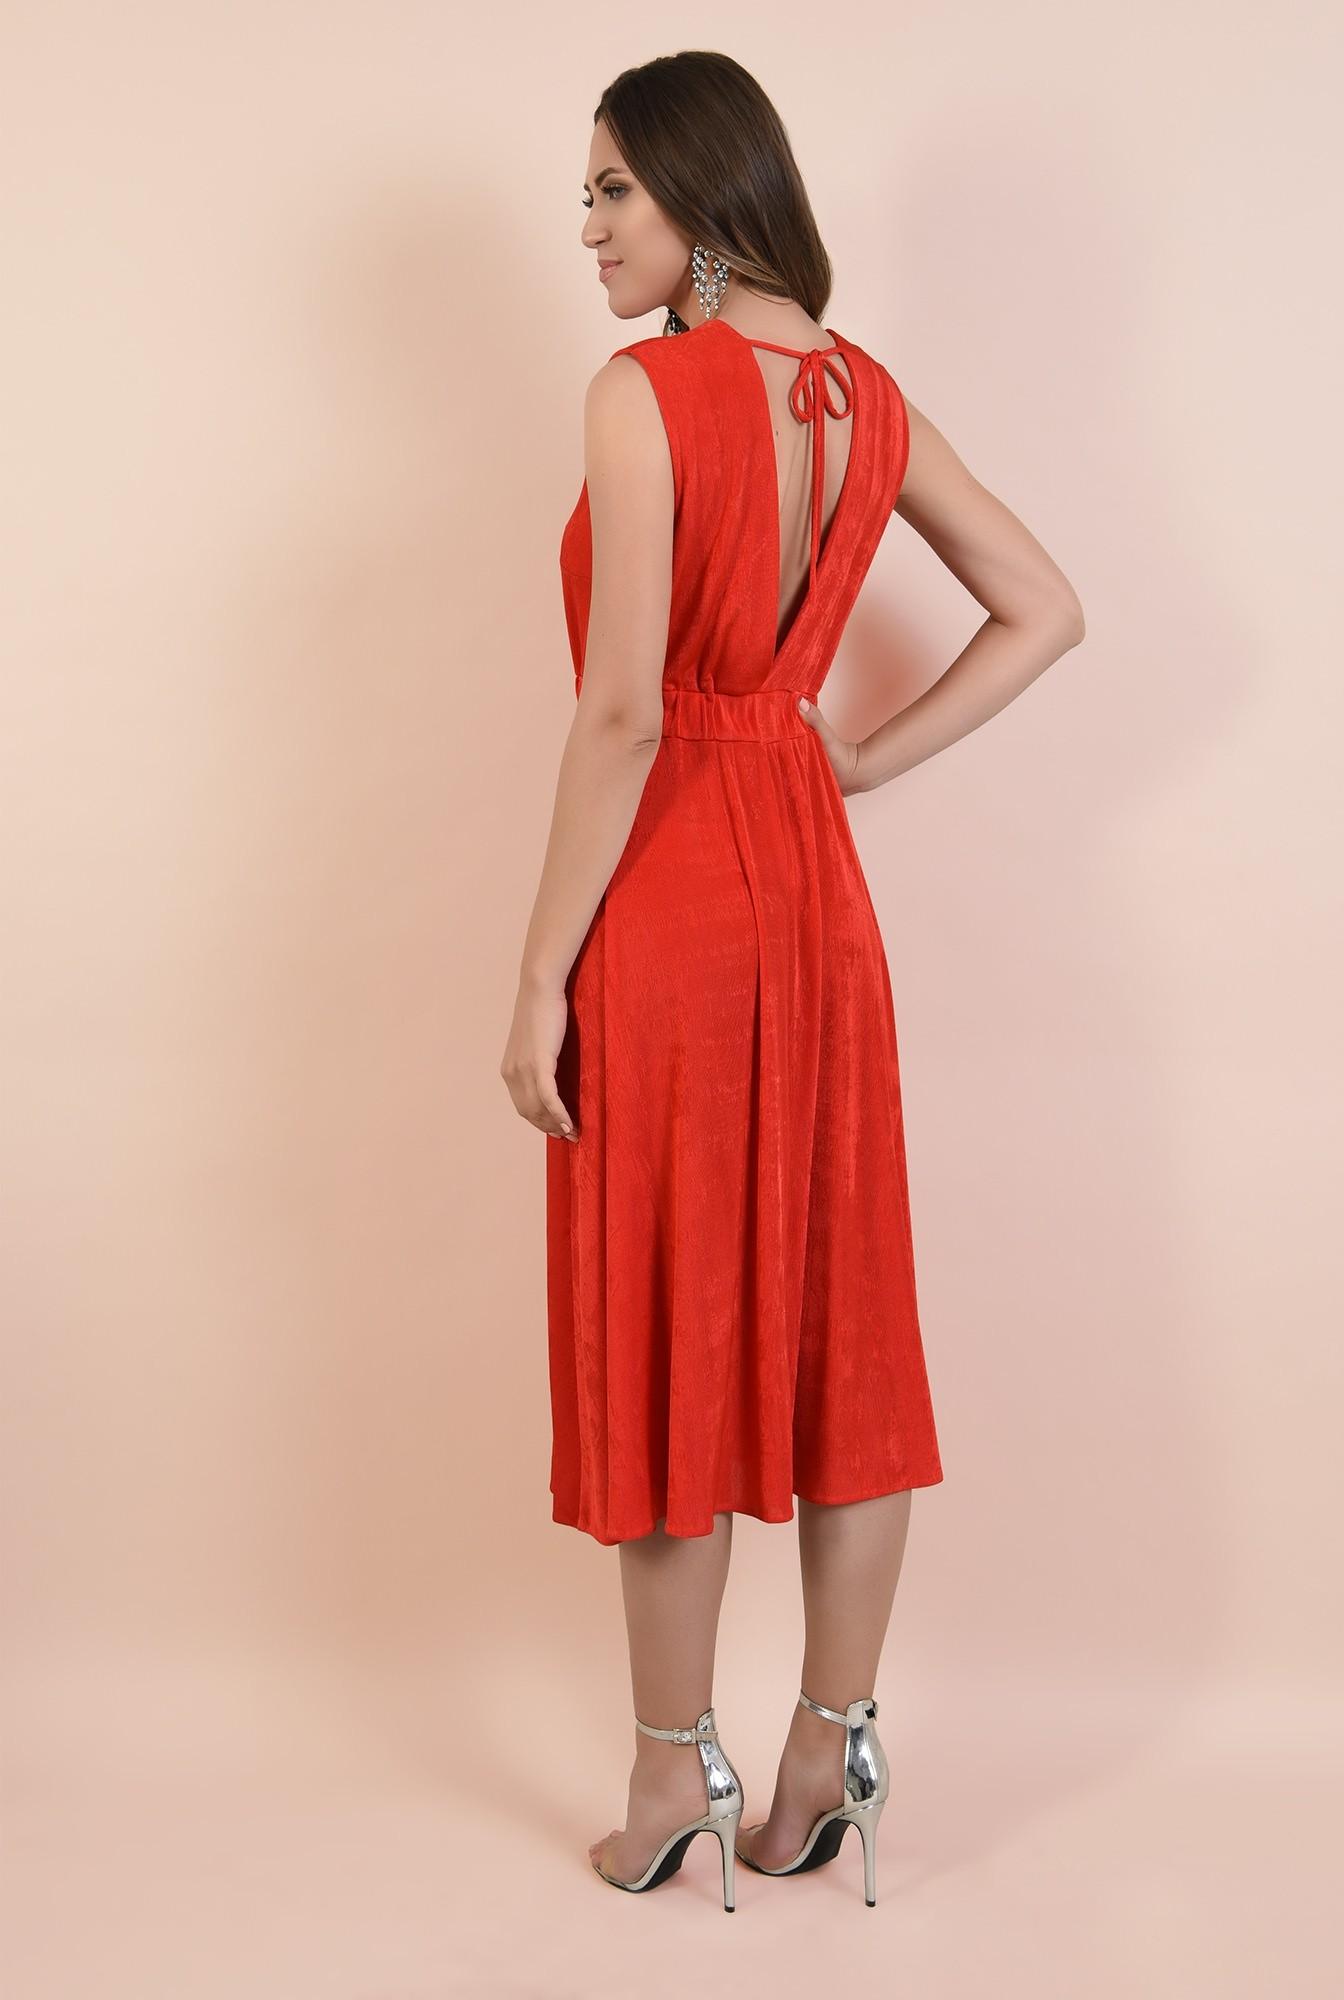 1 - rochie de seara, rosie, midi, evazata, spate cu snur, decolteu anchior petrecut